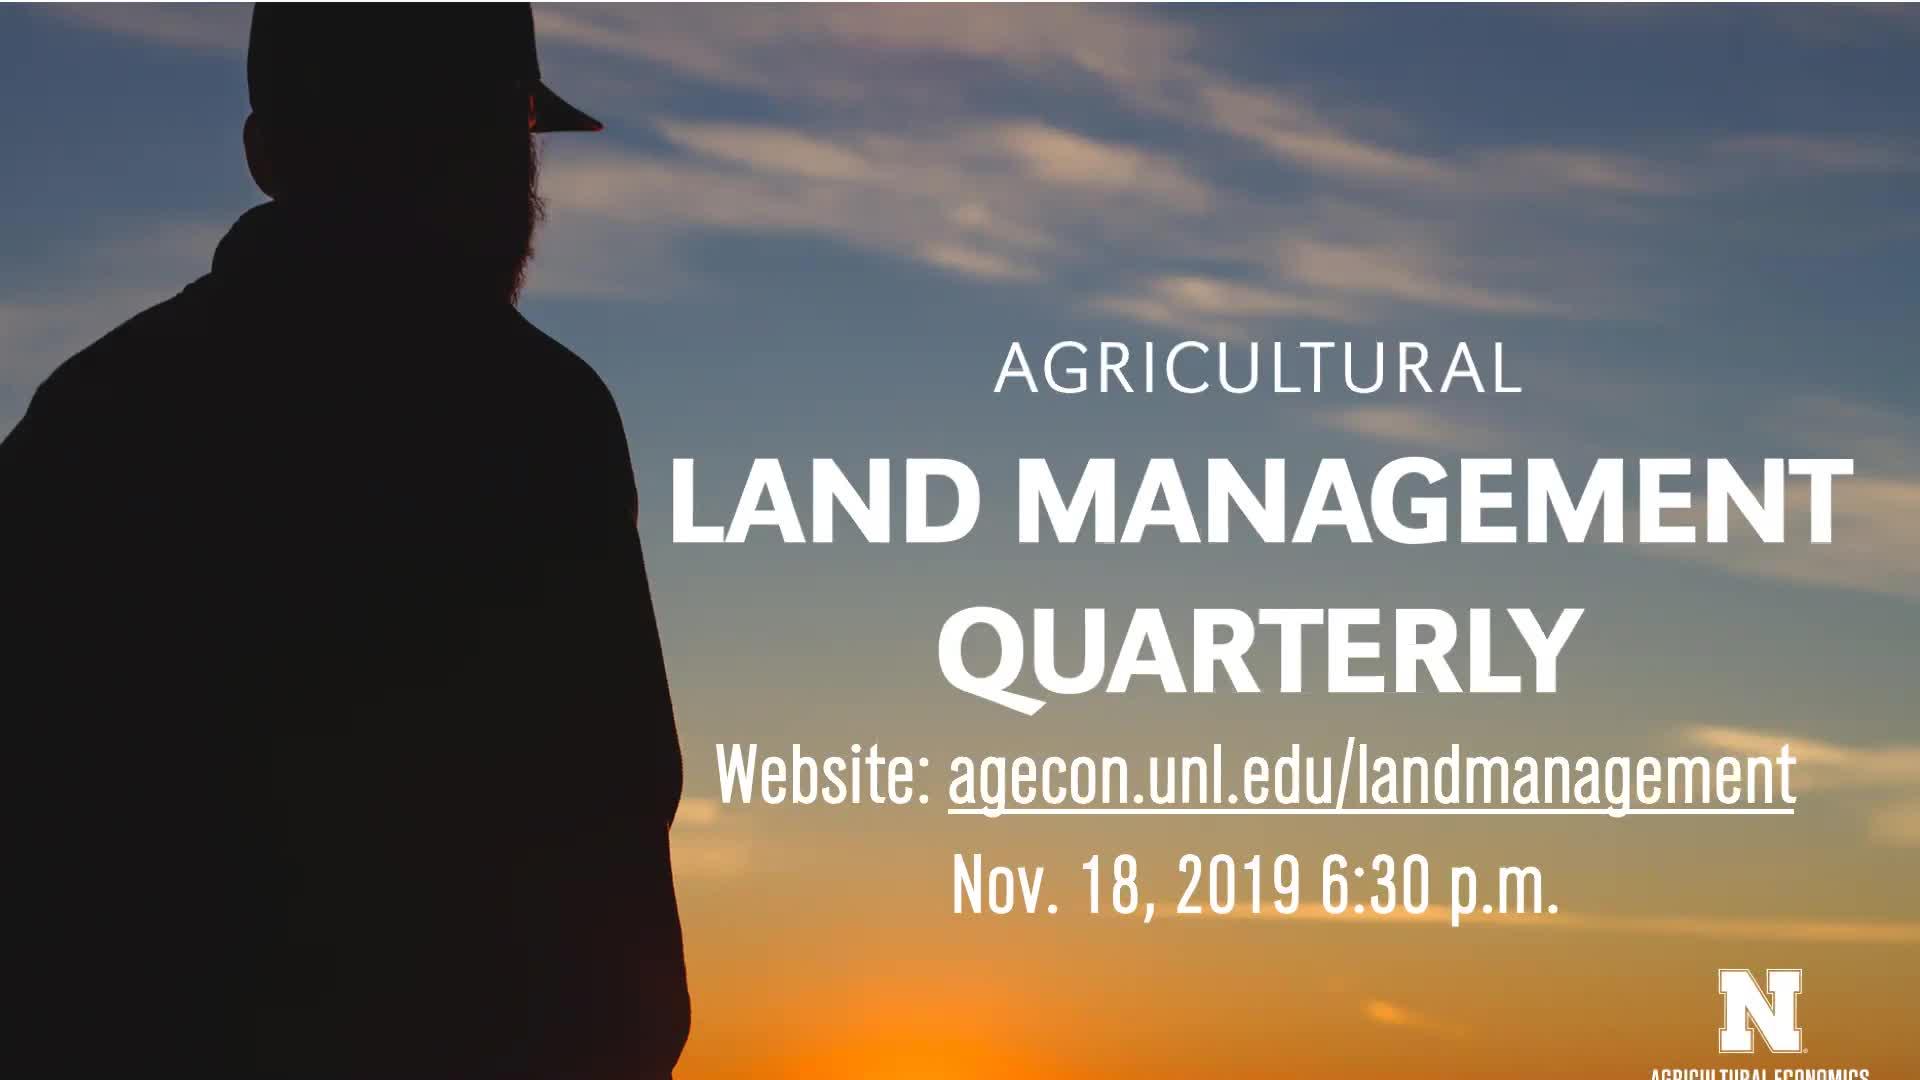 Ag Land Management Quarterly November 2019